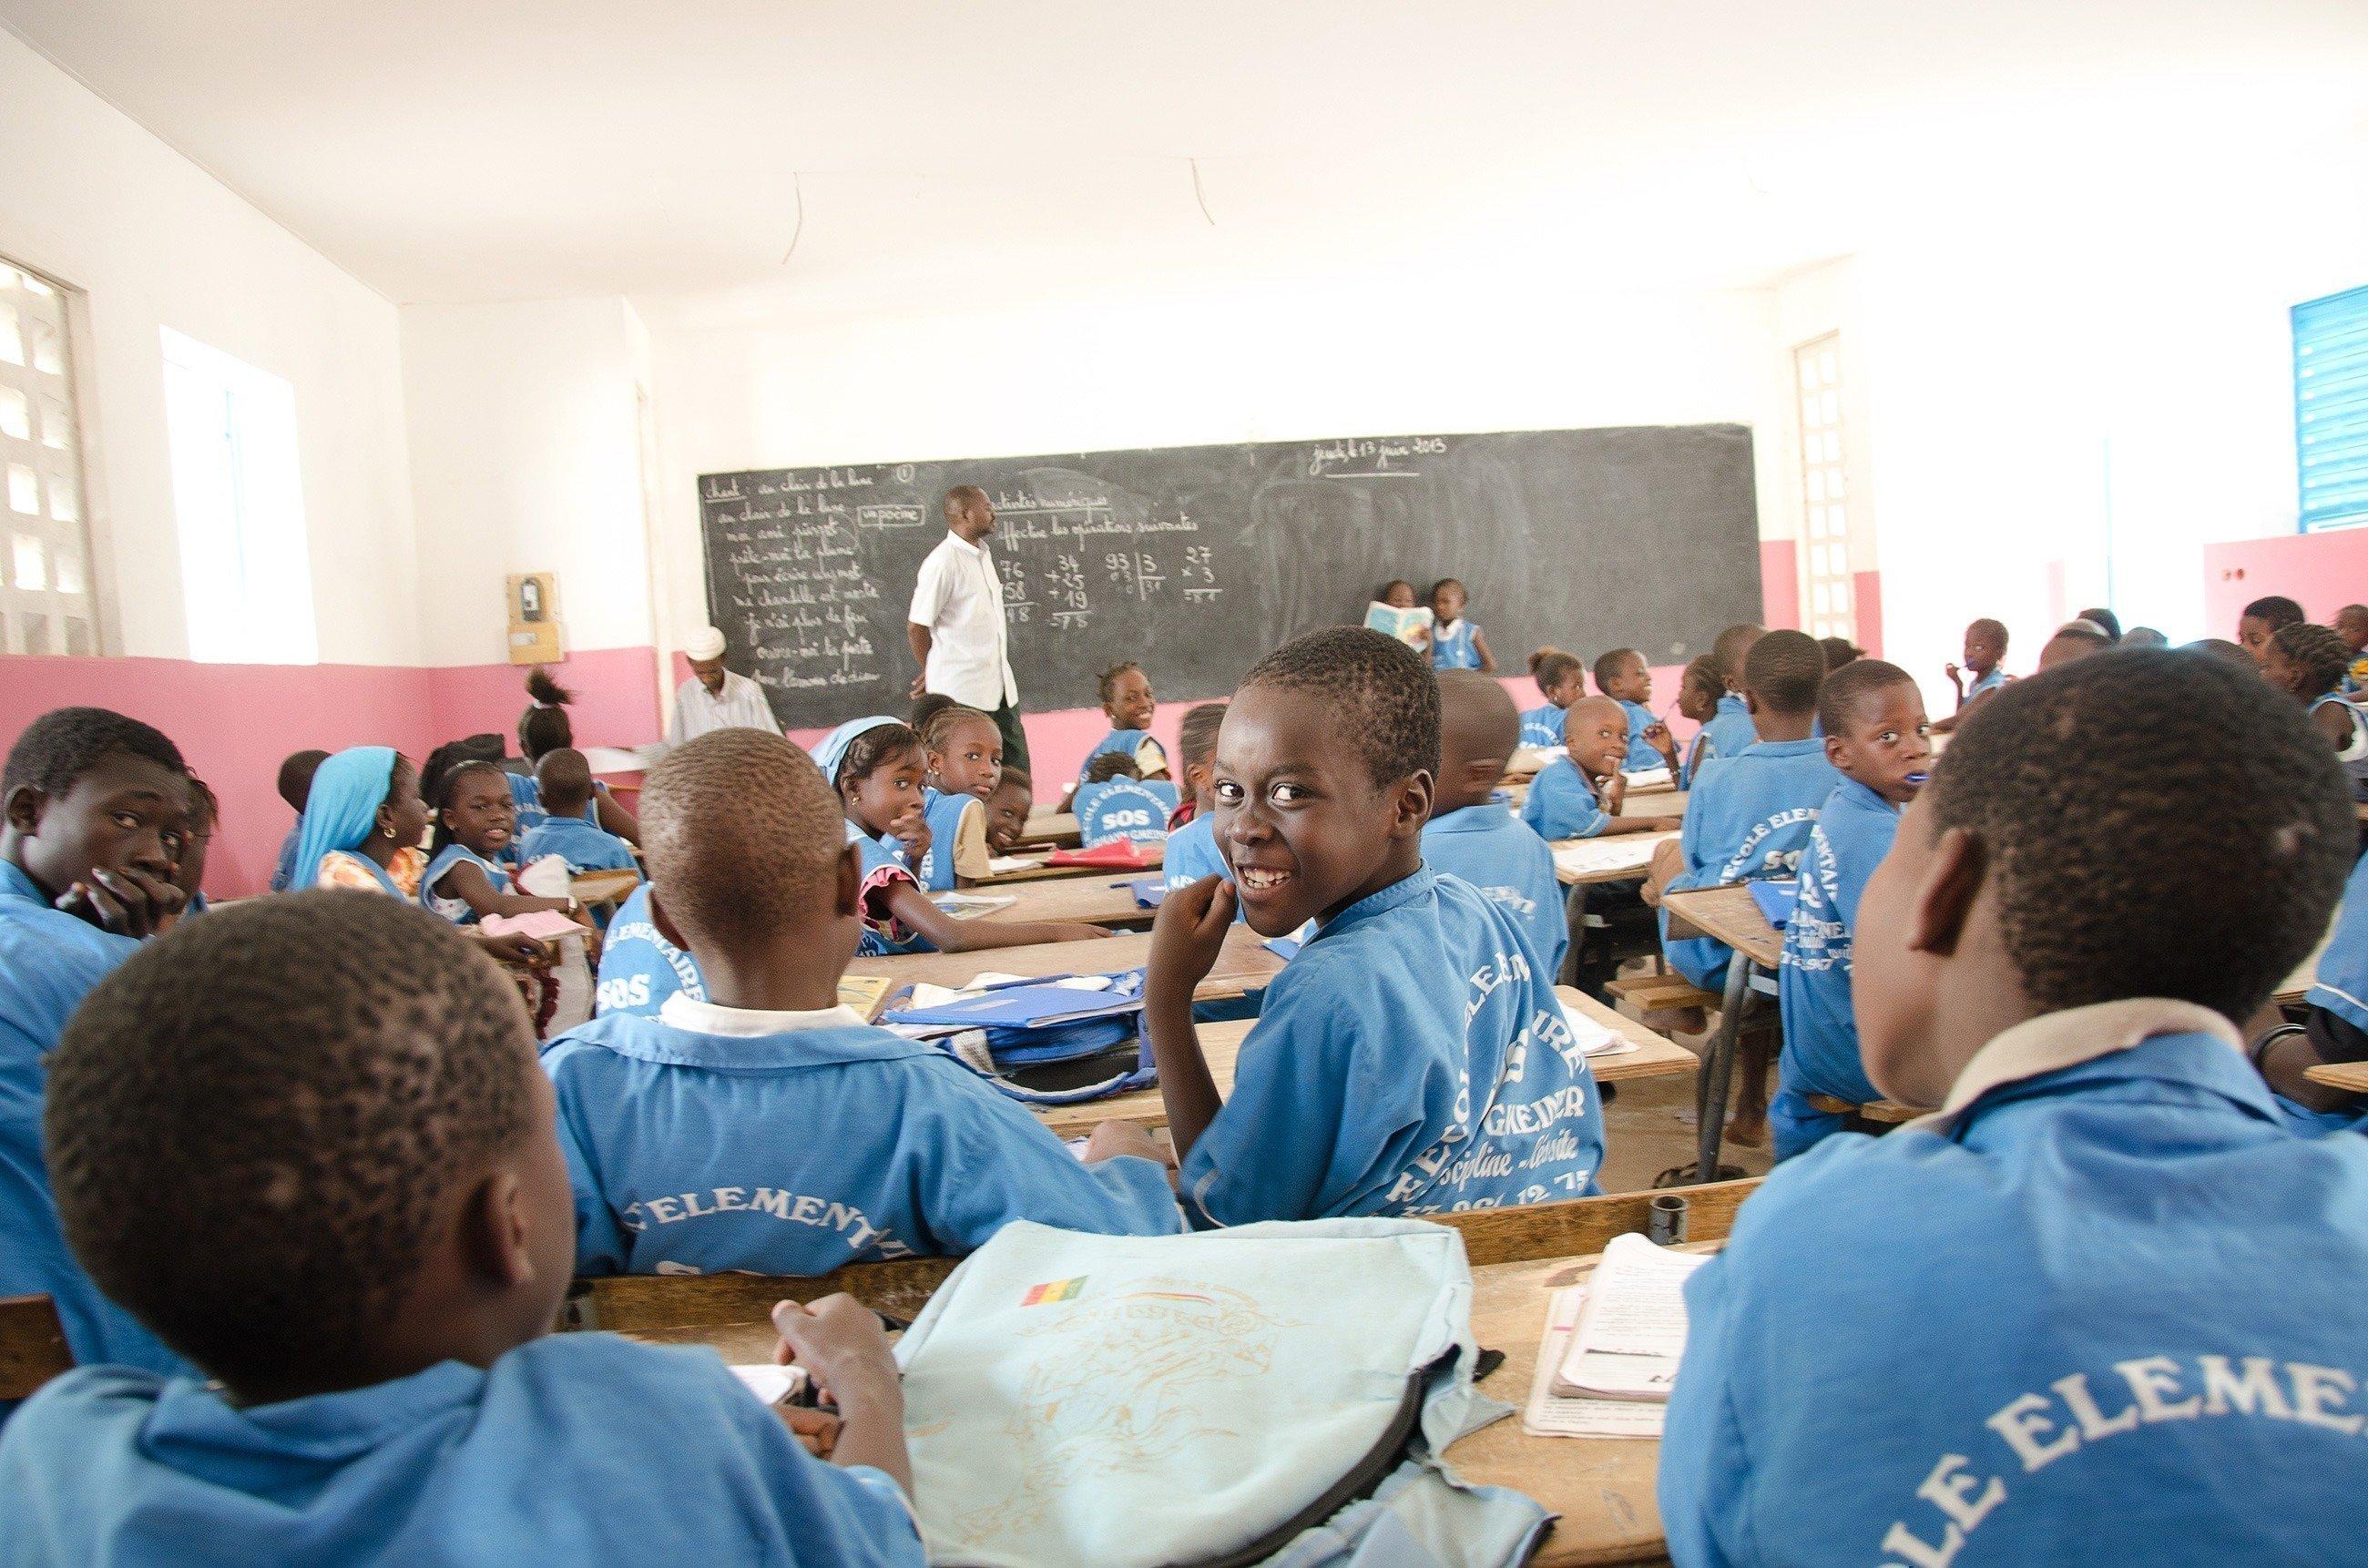 Eines von vielen Schulkindern in der Schule dreht sich lachend nach hinten um.